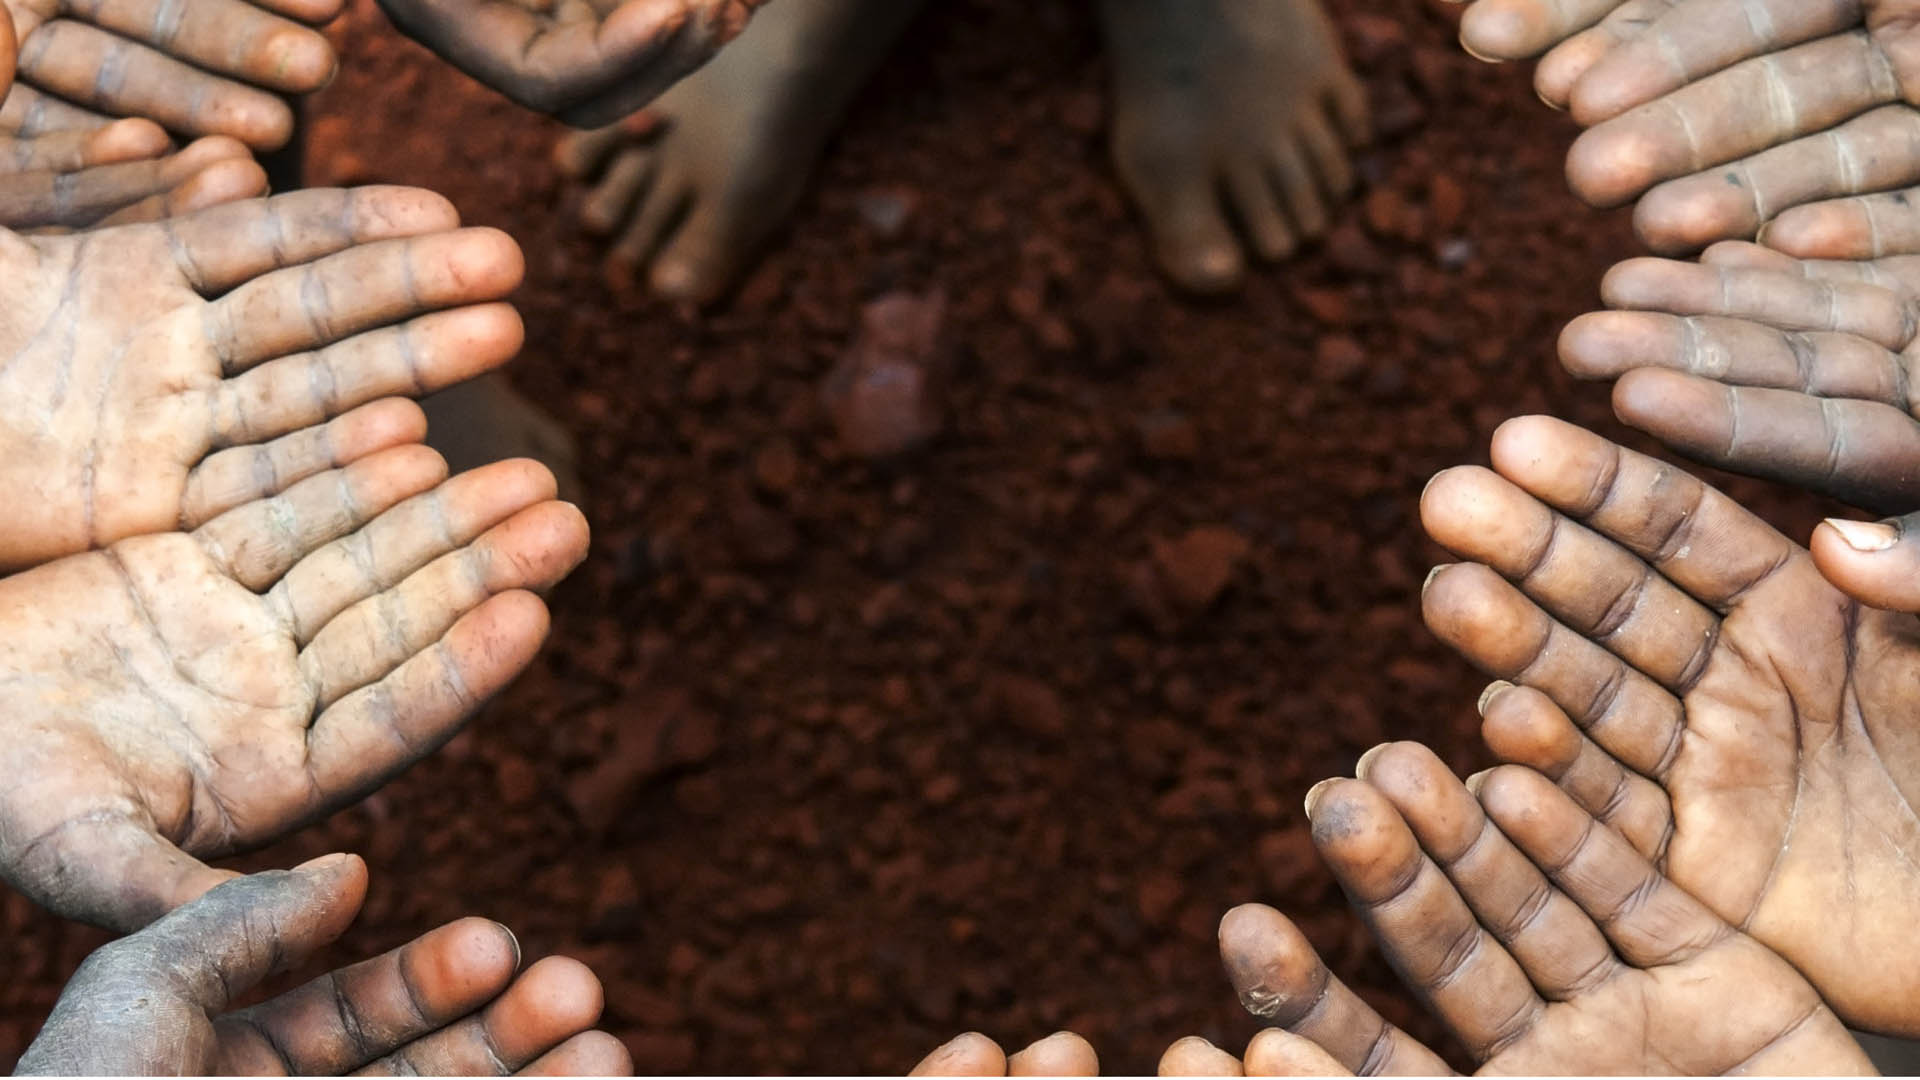 La Unicef y el Banco Mundial indicaron que casi 385 millones de infantes se encuentran en esas condiciones